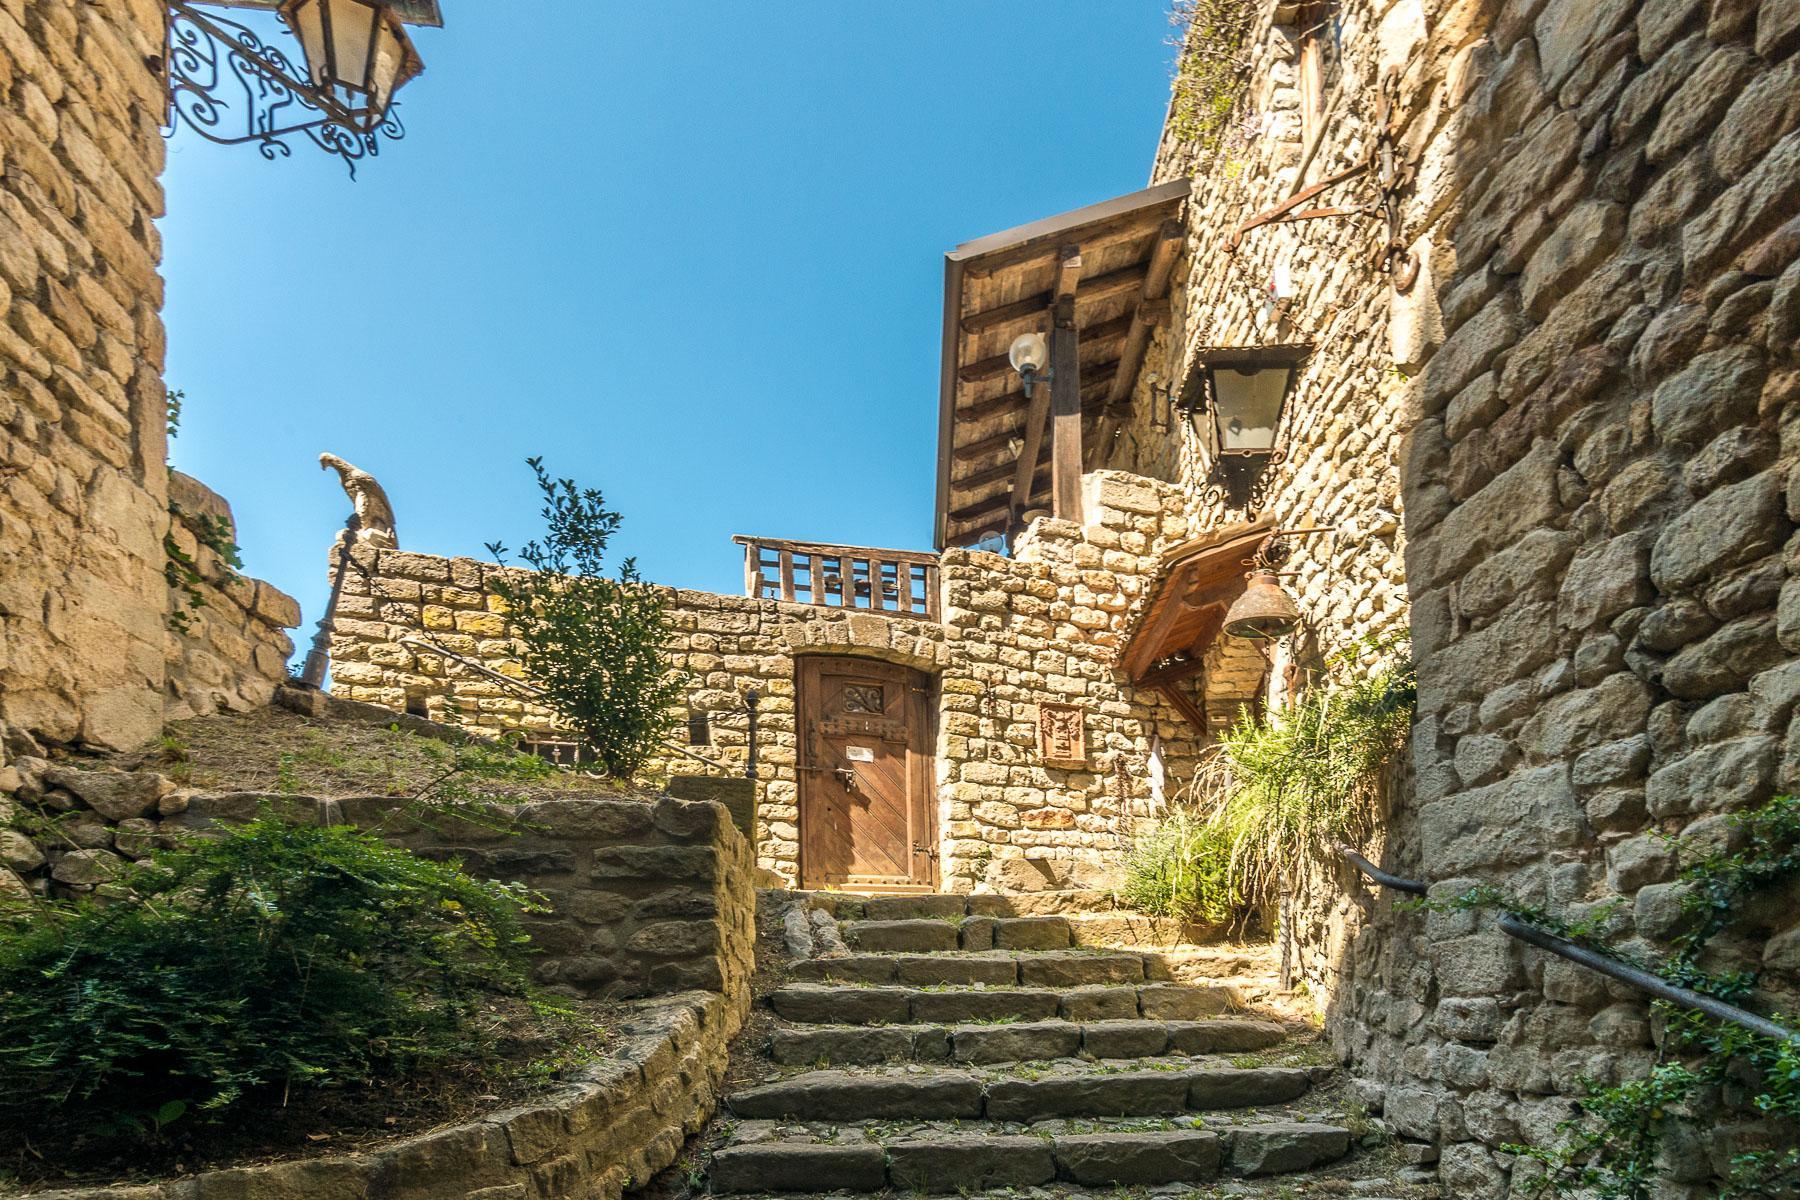 雄伟的Ormala城堡 - 27